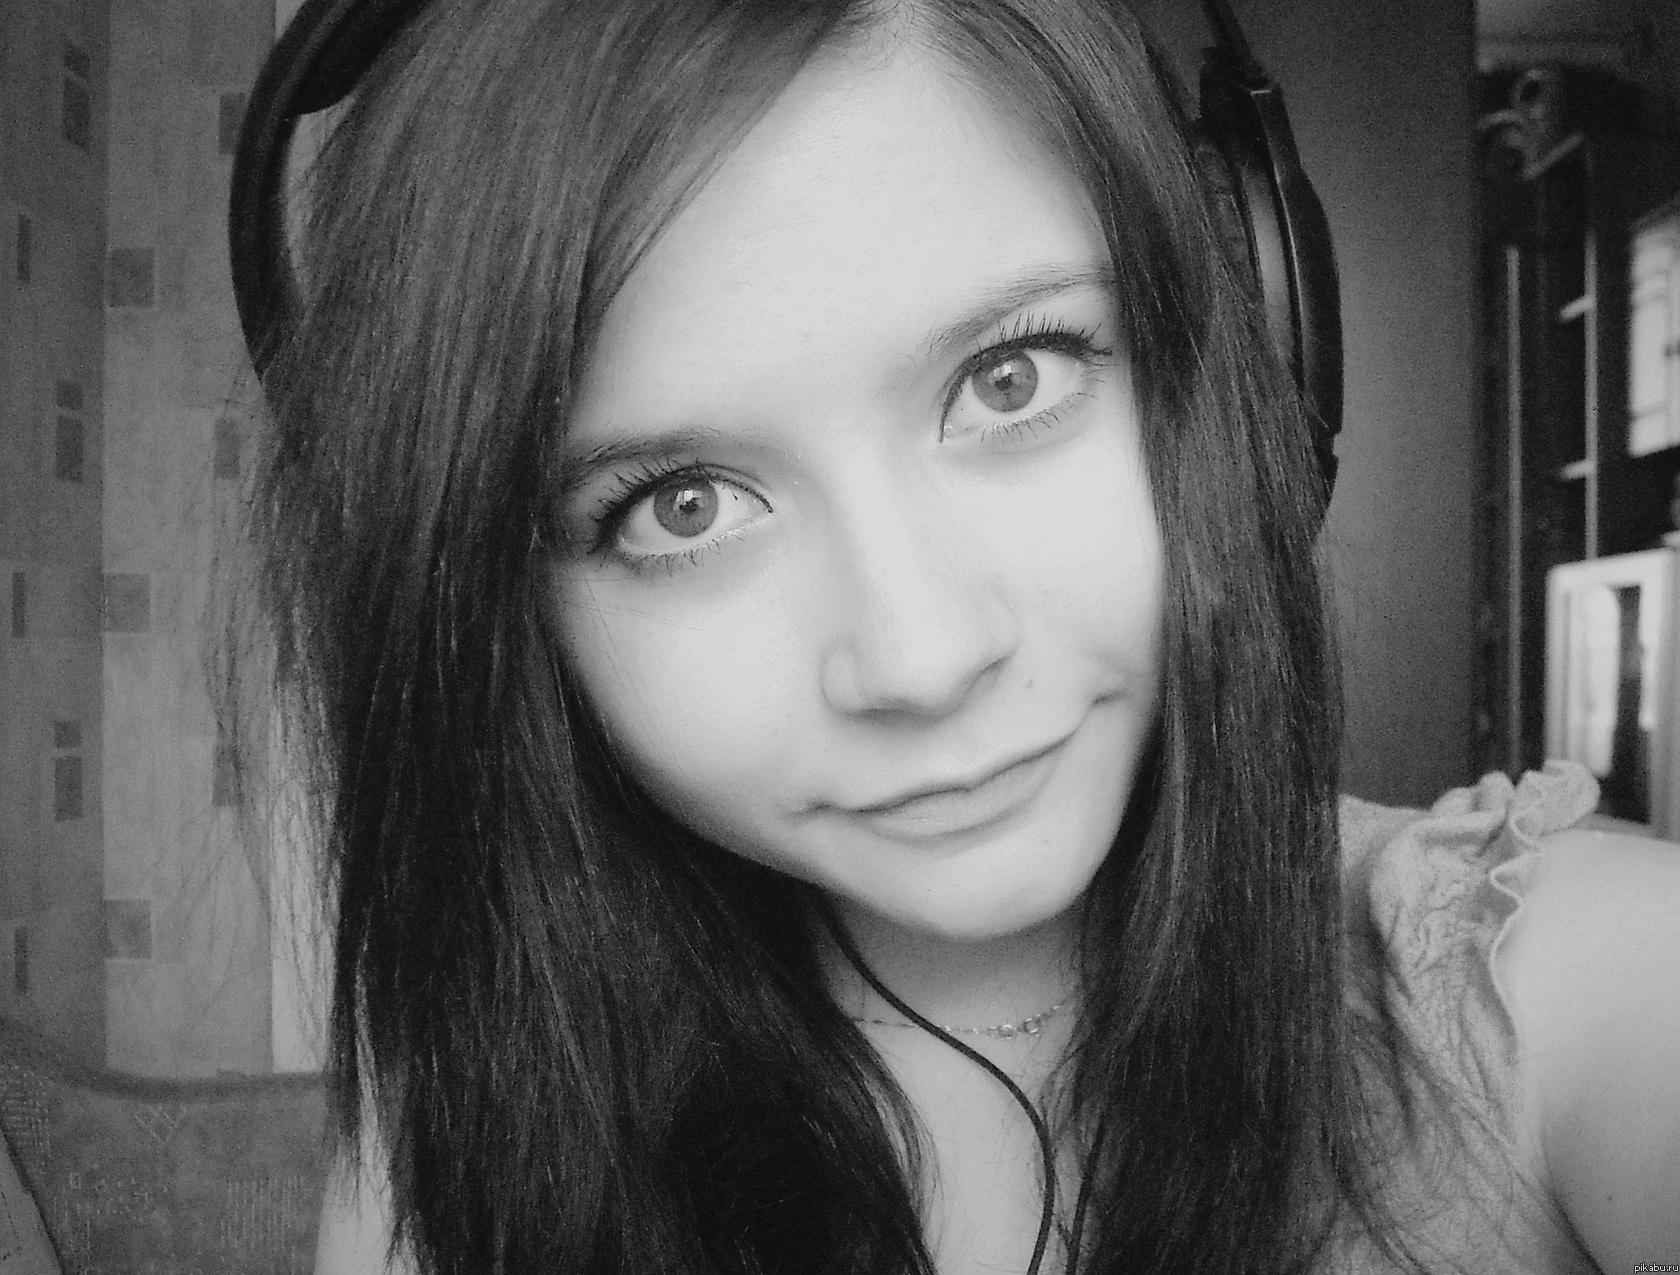 Смотреть русских красивых девушек картинки 3 фотография